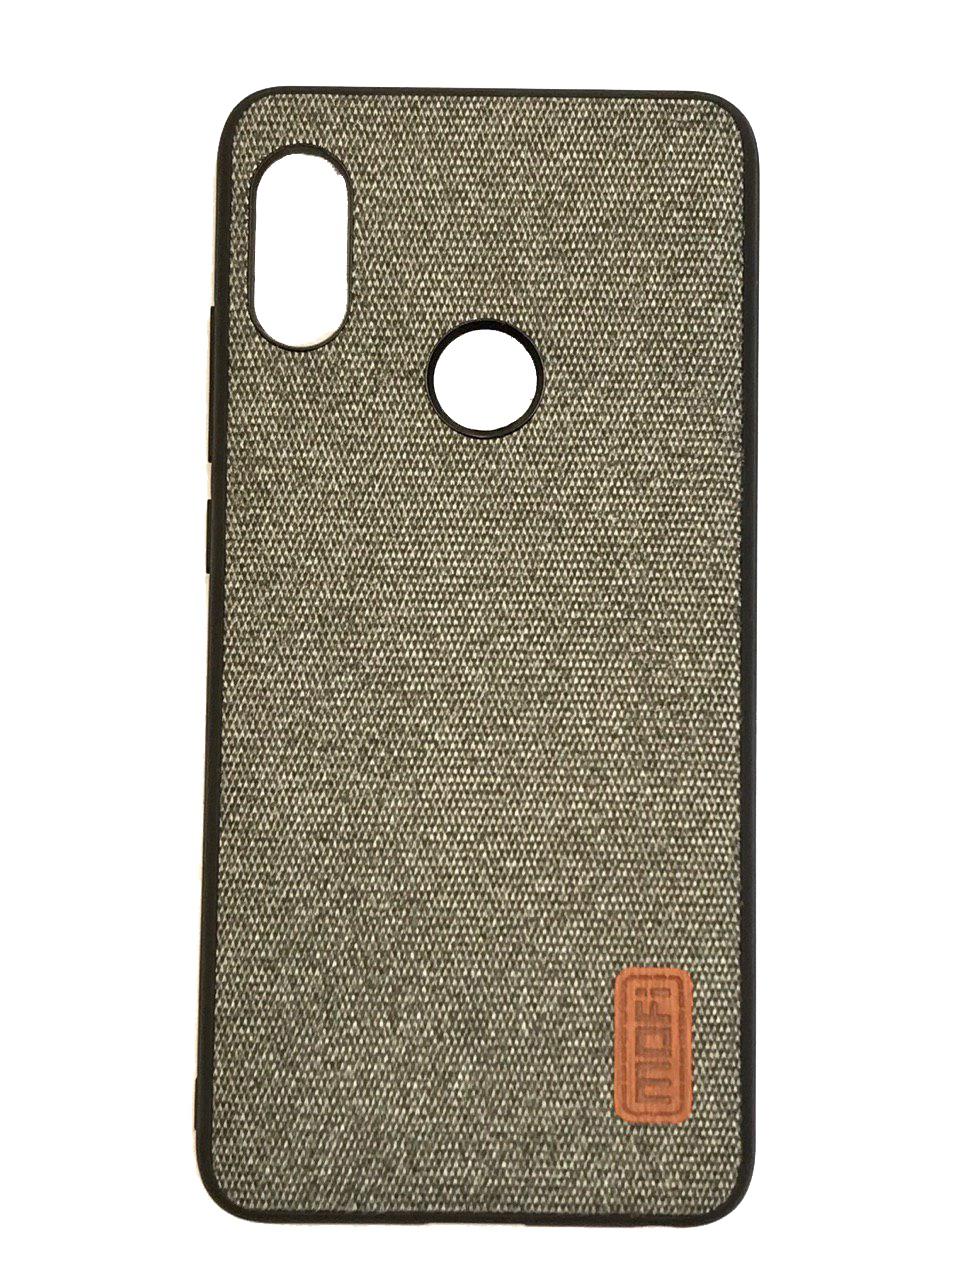 Чехол для сотового телефона Mofi Накладка Fabric Xiaomi Mi 6X /A2 Gray, серый пакеты для стерилизации в свч philips avent scf 297 05